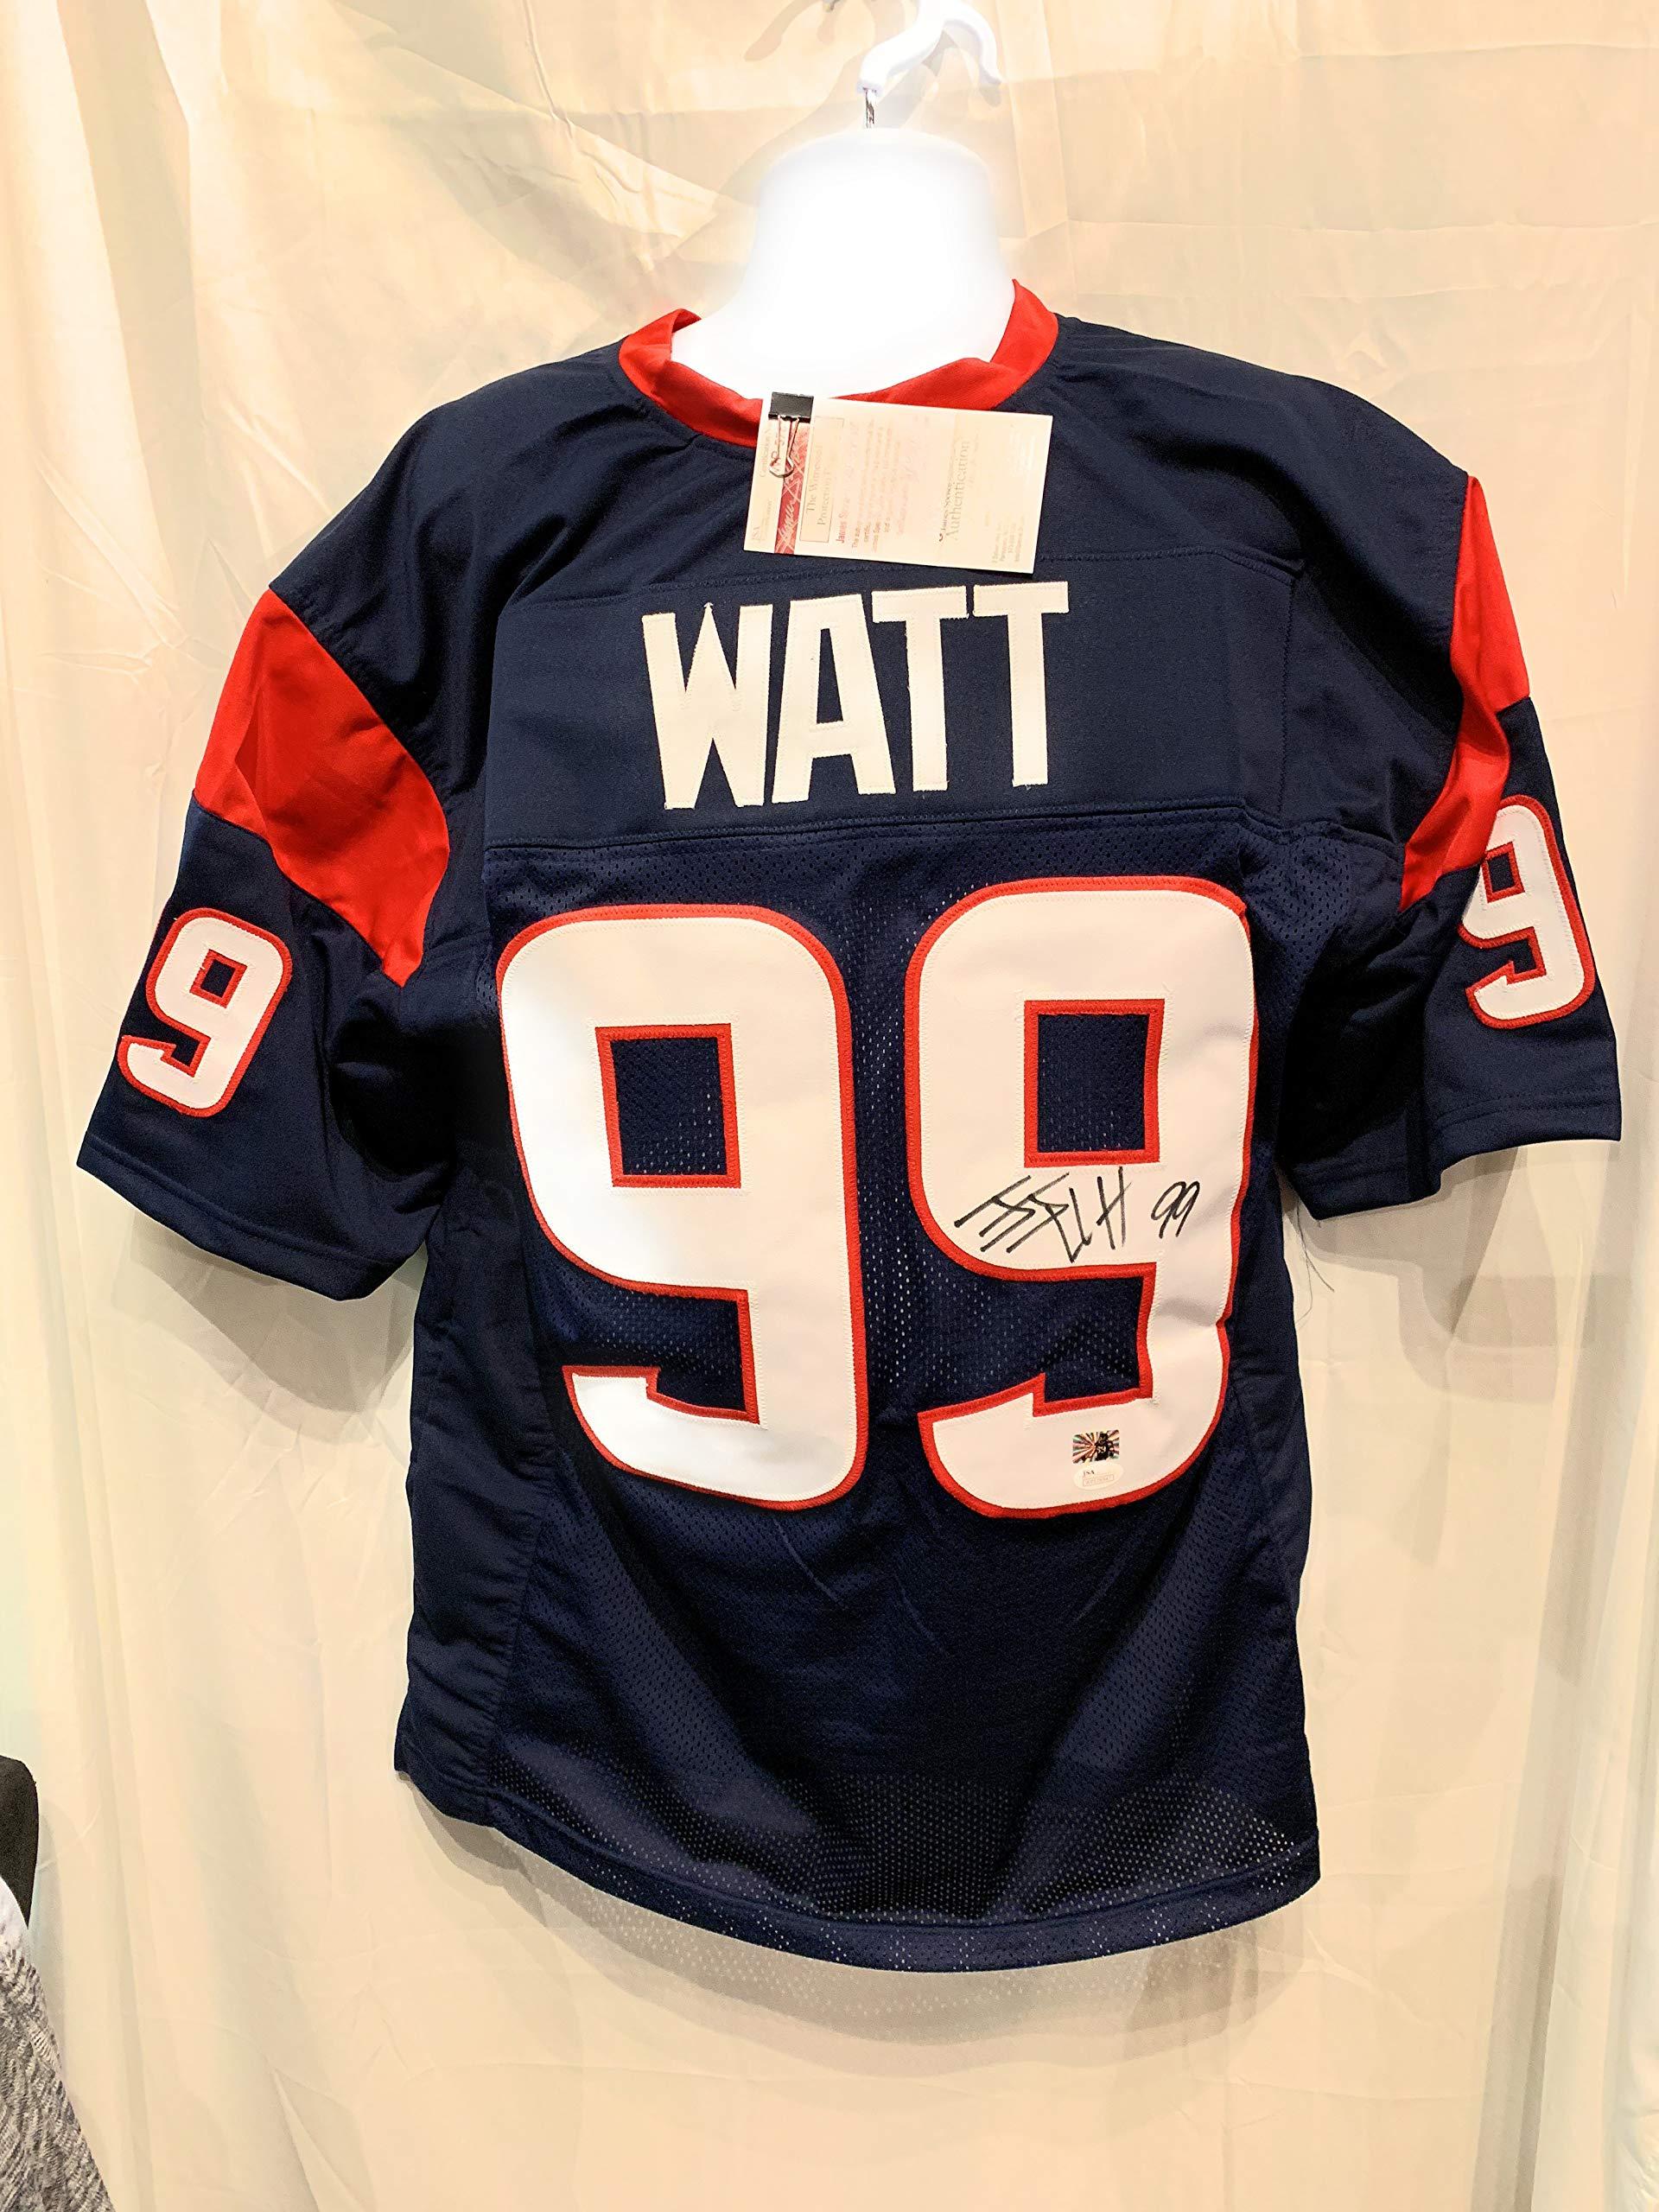 JJ Watt Houston Texans Signed Autograph Blue Custom Jersey WATT Hologram JSA Witnessed Certified